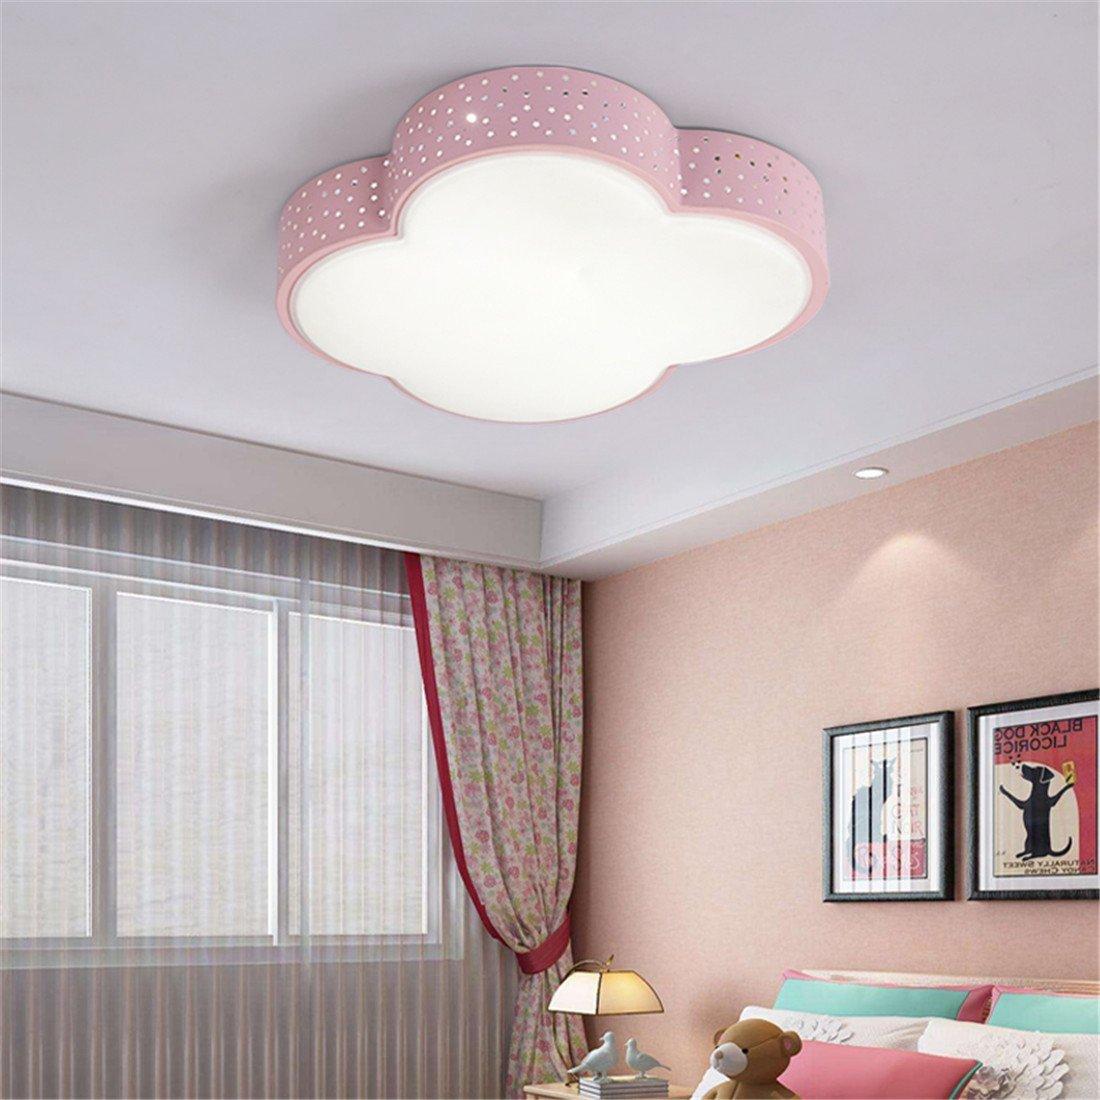 AWAMA Kinderzimmerlampe Kinder Babylampe Kinderlampe Deckenlampe Moderne LED Deckenleuchte Kreative Beleuchtung Wolken Jungen Und Mädchen Zimmer Lampe Schlafzimmer Lichter D53 * W49 * H8CM Blau Dimmbare